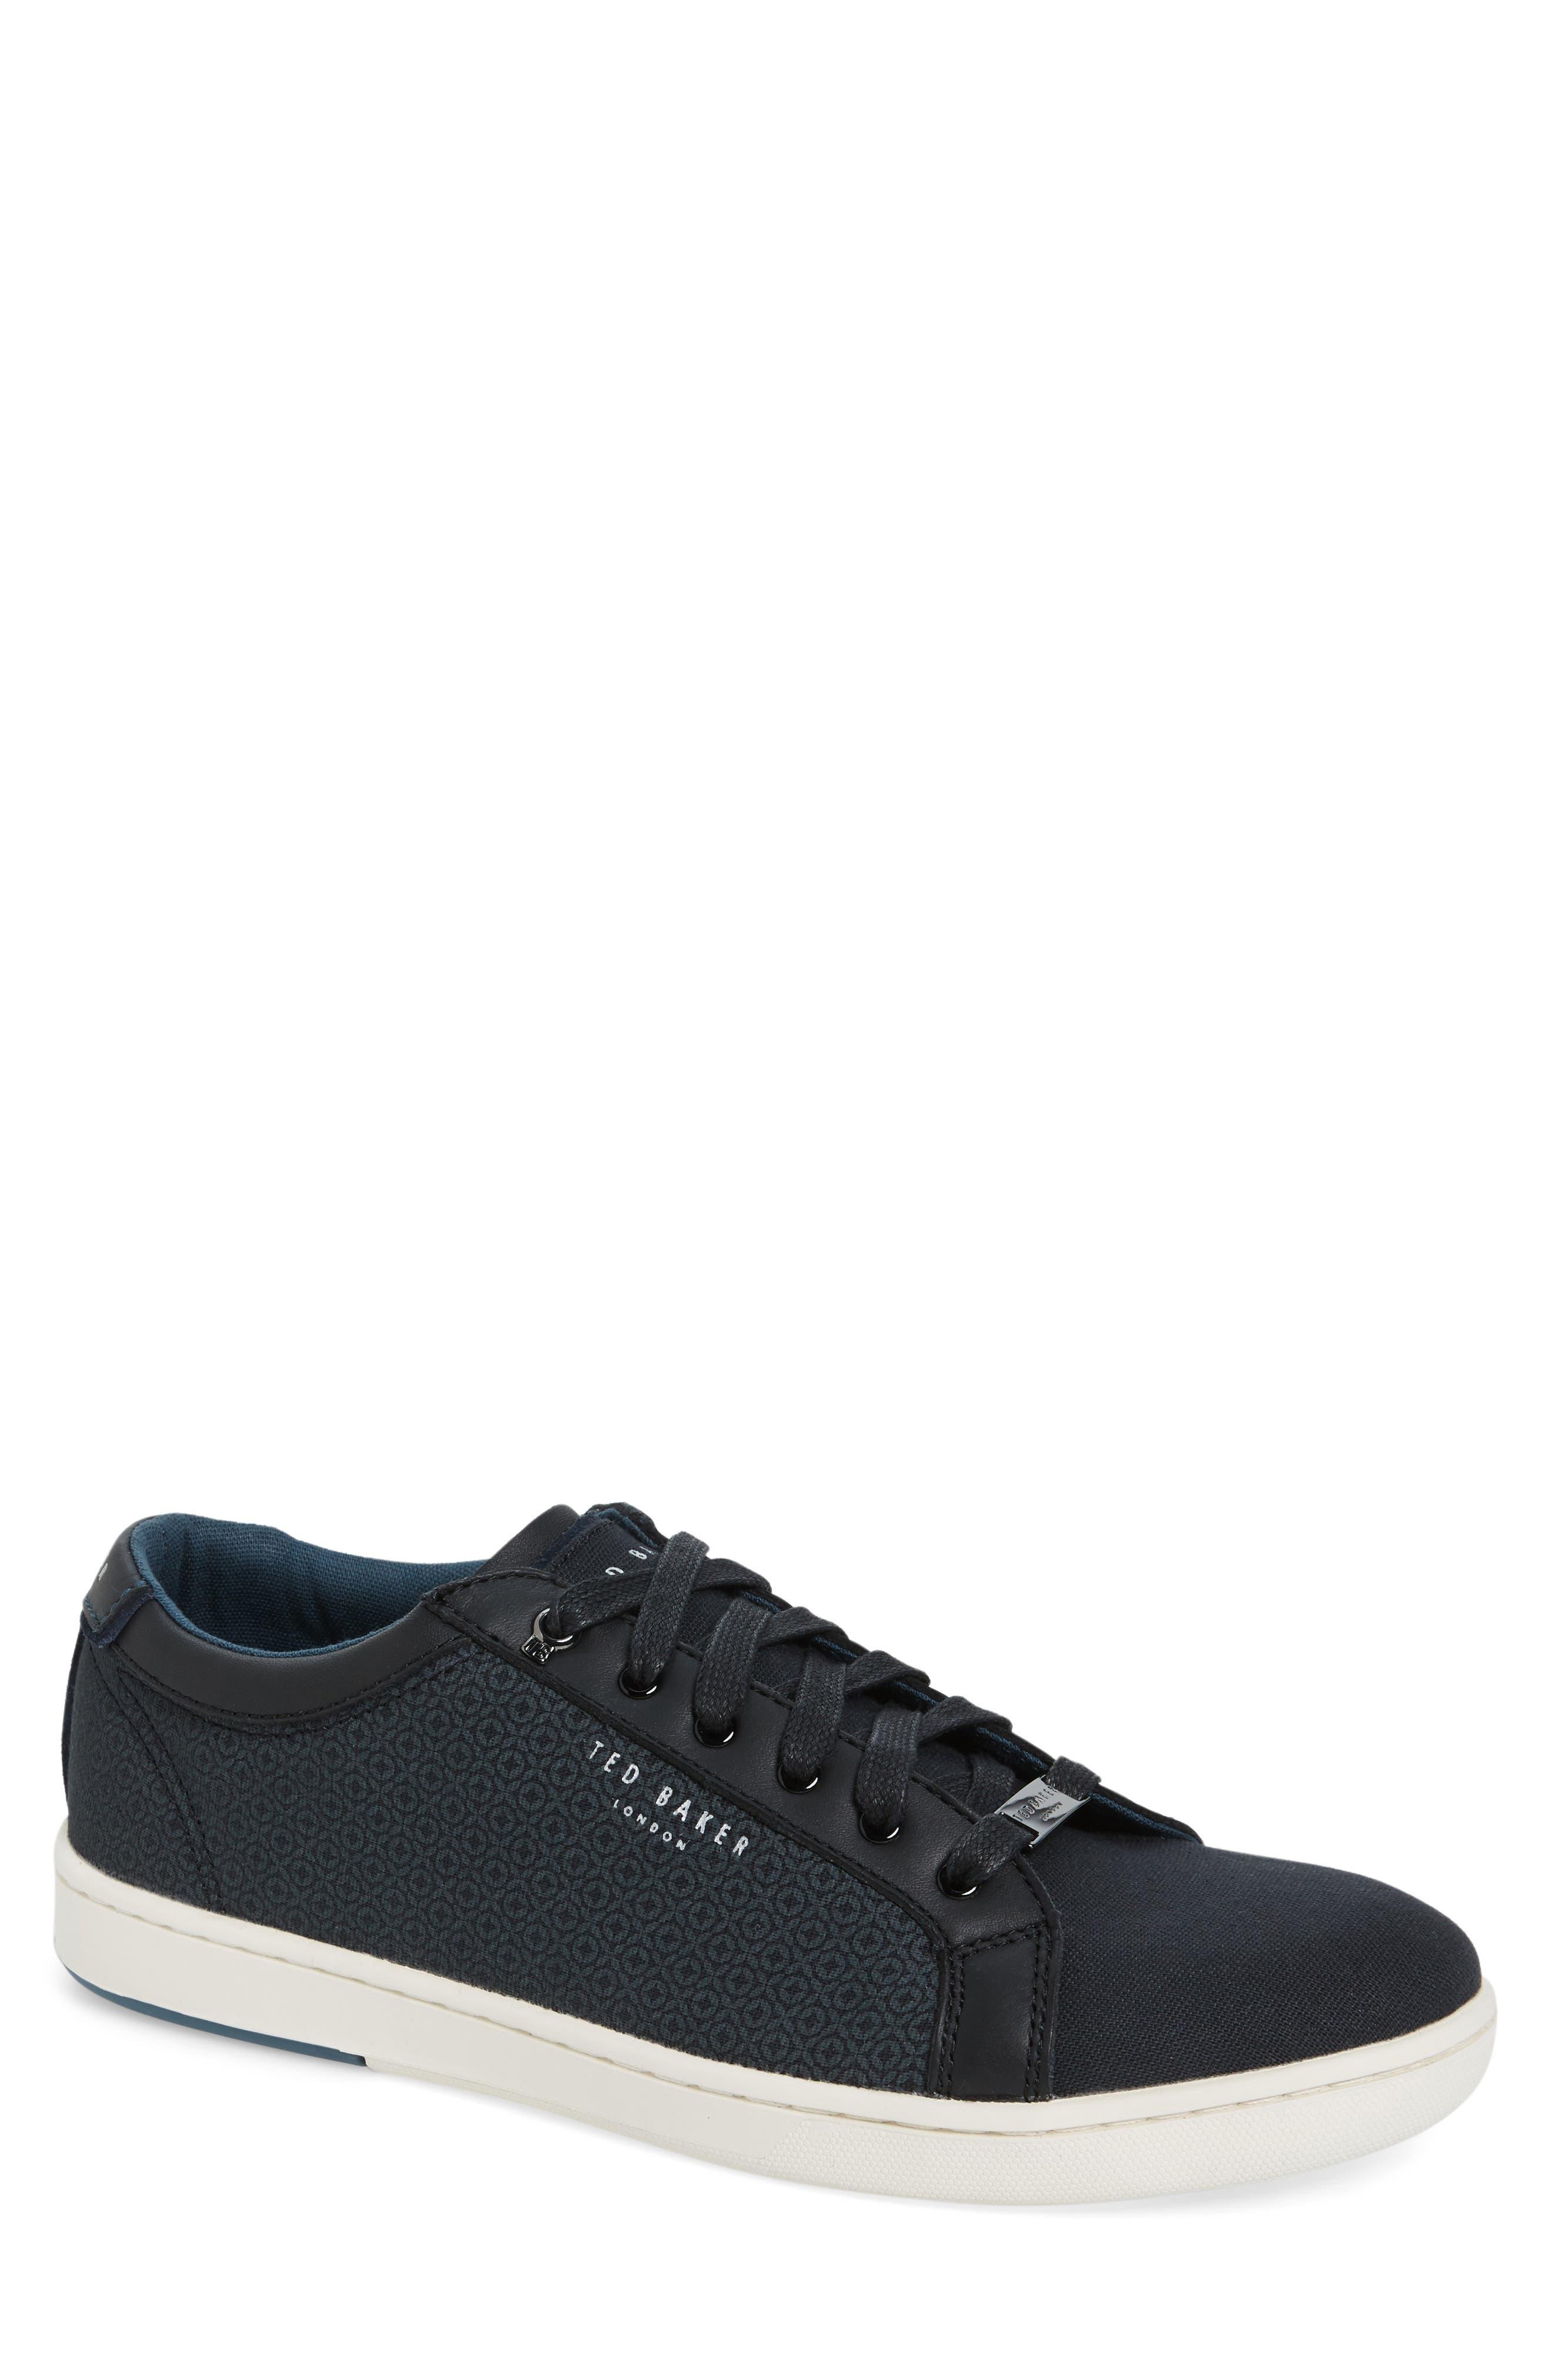 Ternur Geo Print Sneaker,                         Main,                         color, 011